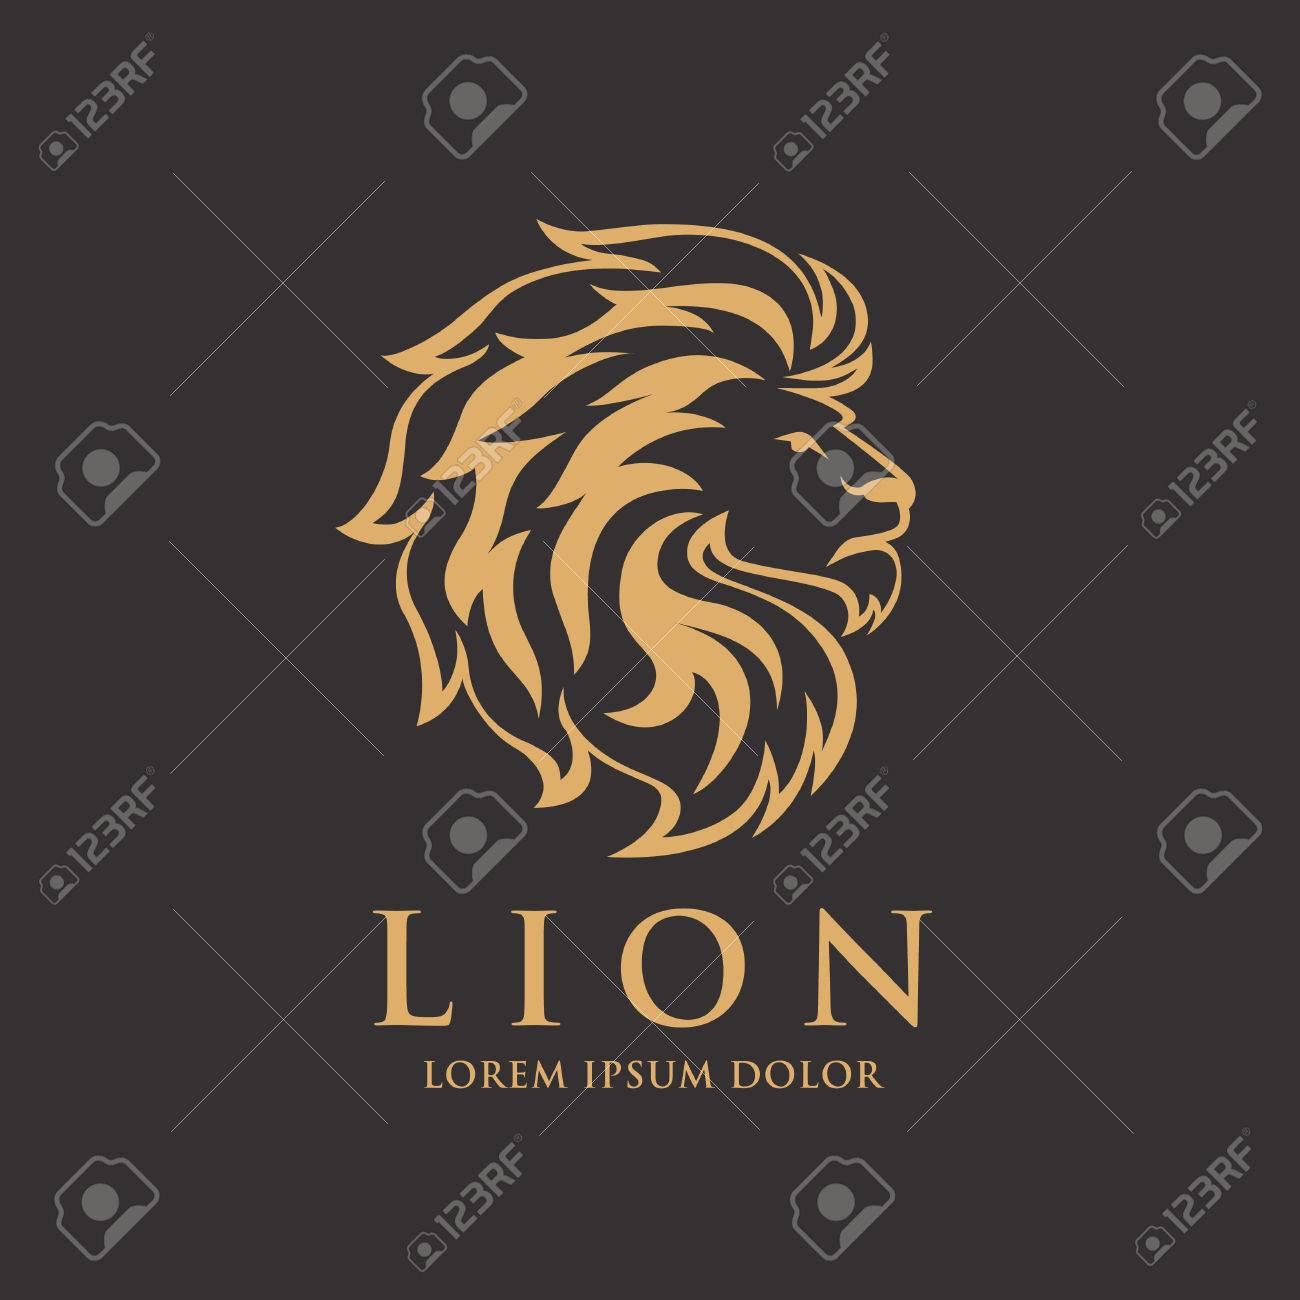 lion logo design stock vector 77235242